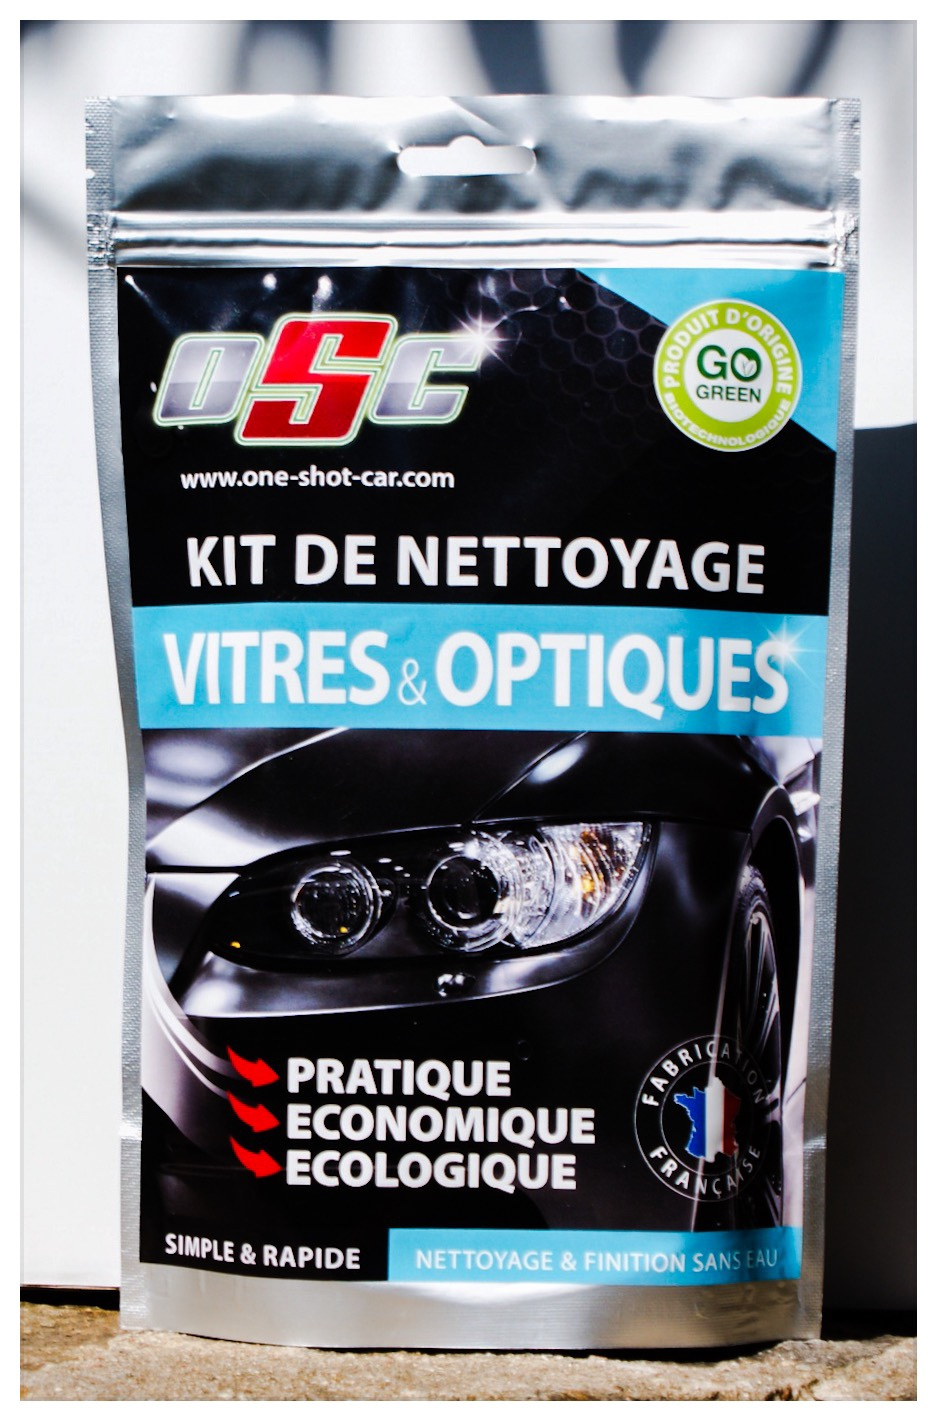 kits de nettoyage pour voiture special vitres et optiques. Black Bedroom Furniture Sets. Home Design Ideas